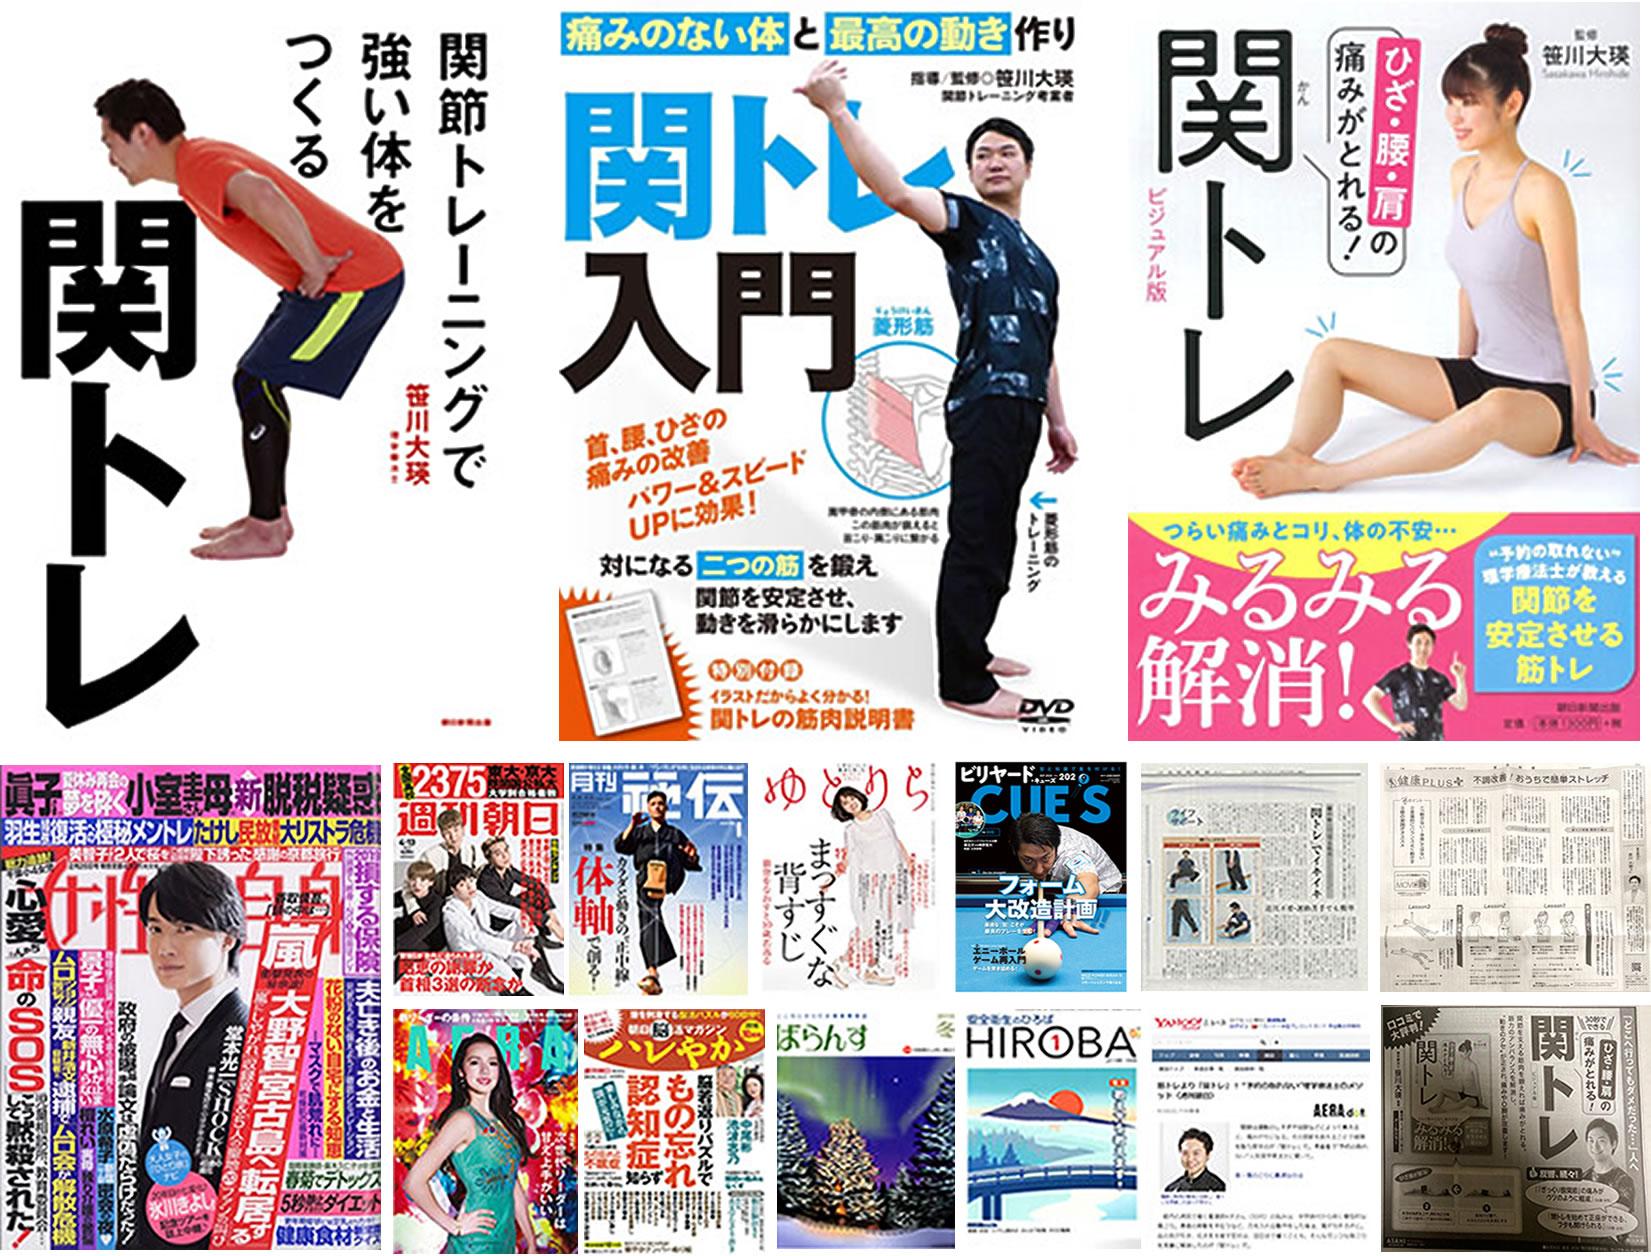 笹川大瑛先生が編み出した関トレは多数のメディアに掲載されています